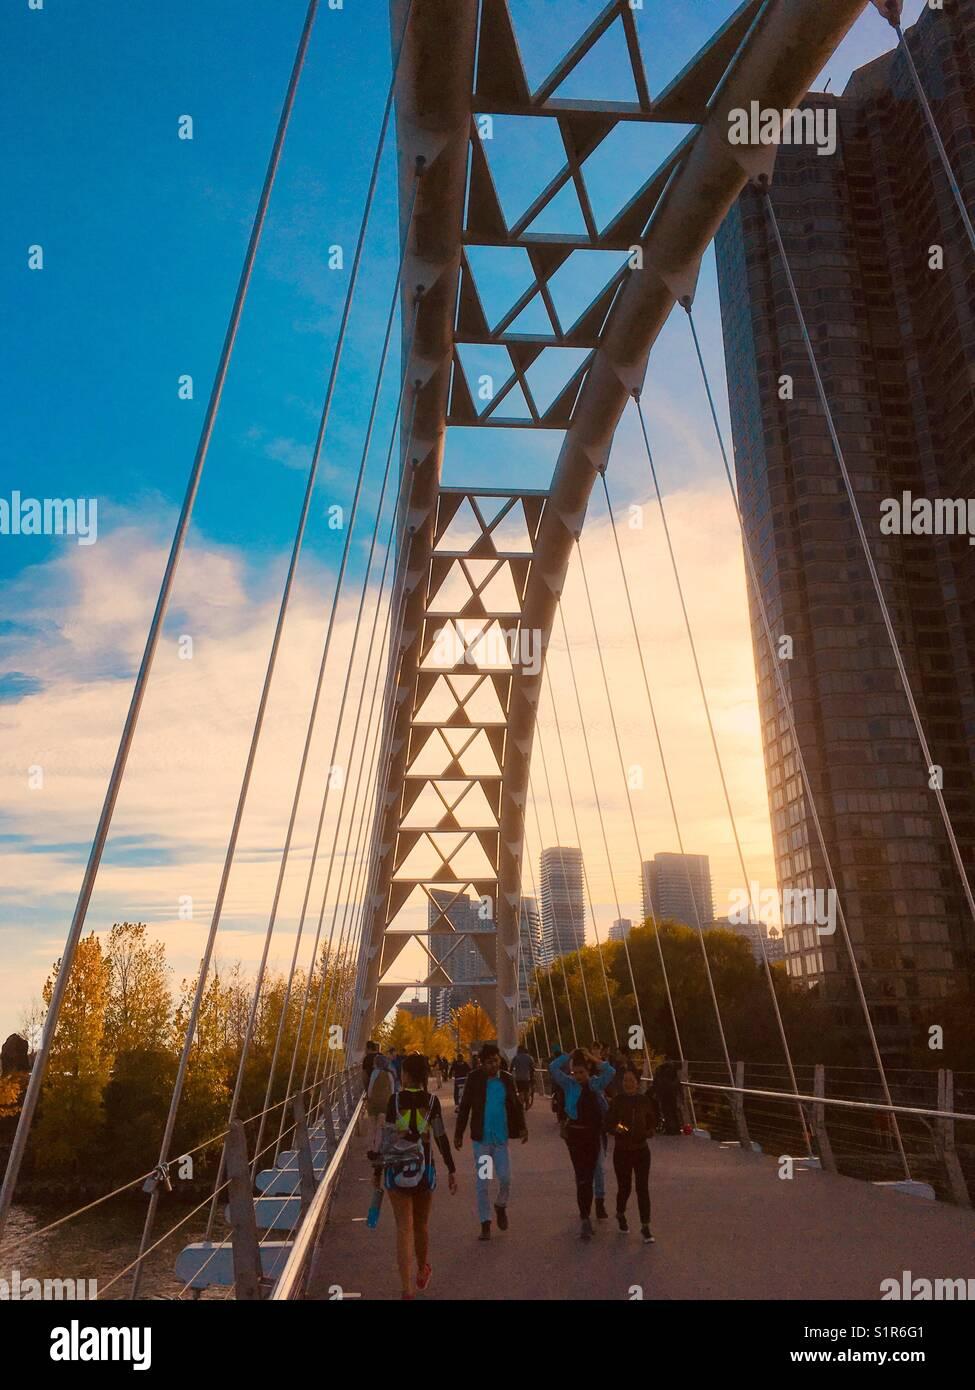 Humber del arco del puente de la Bahía de Toronto, Canadá. Imagen De Stock